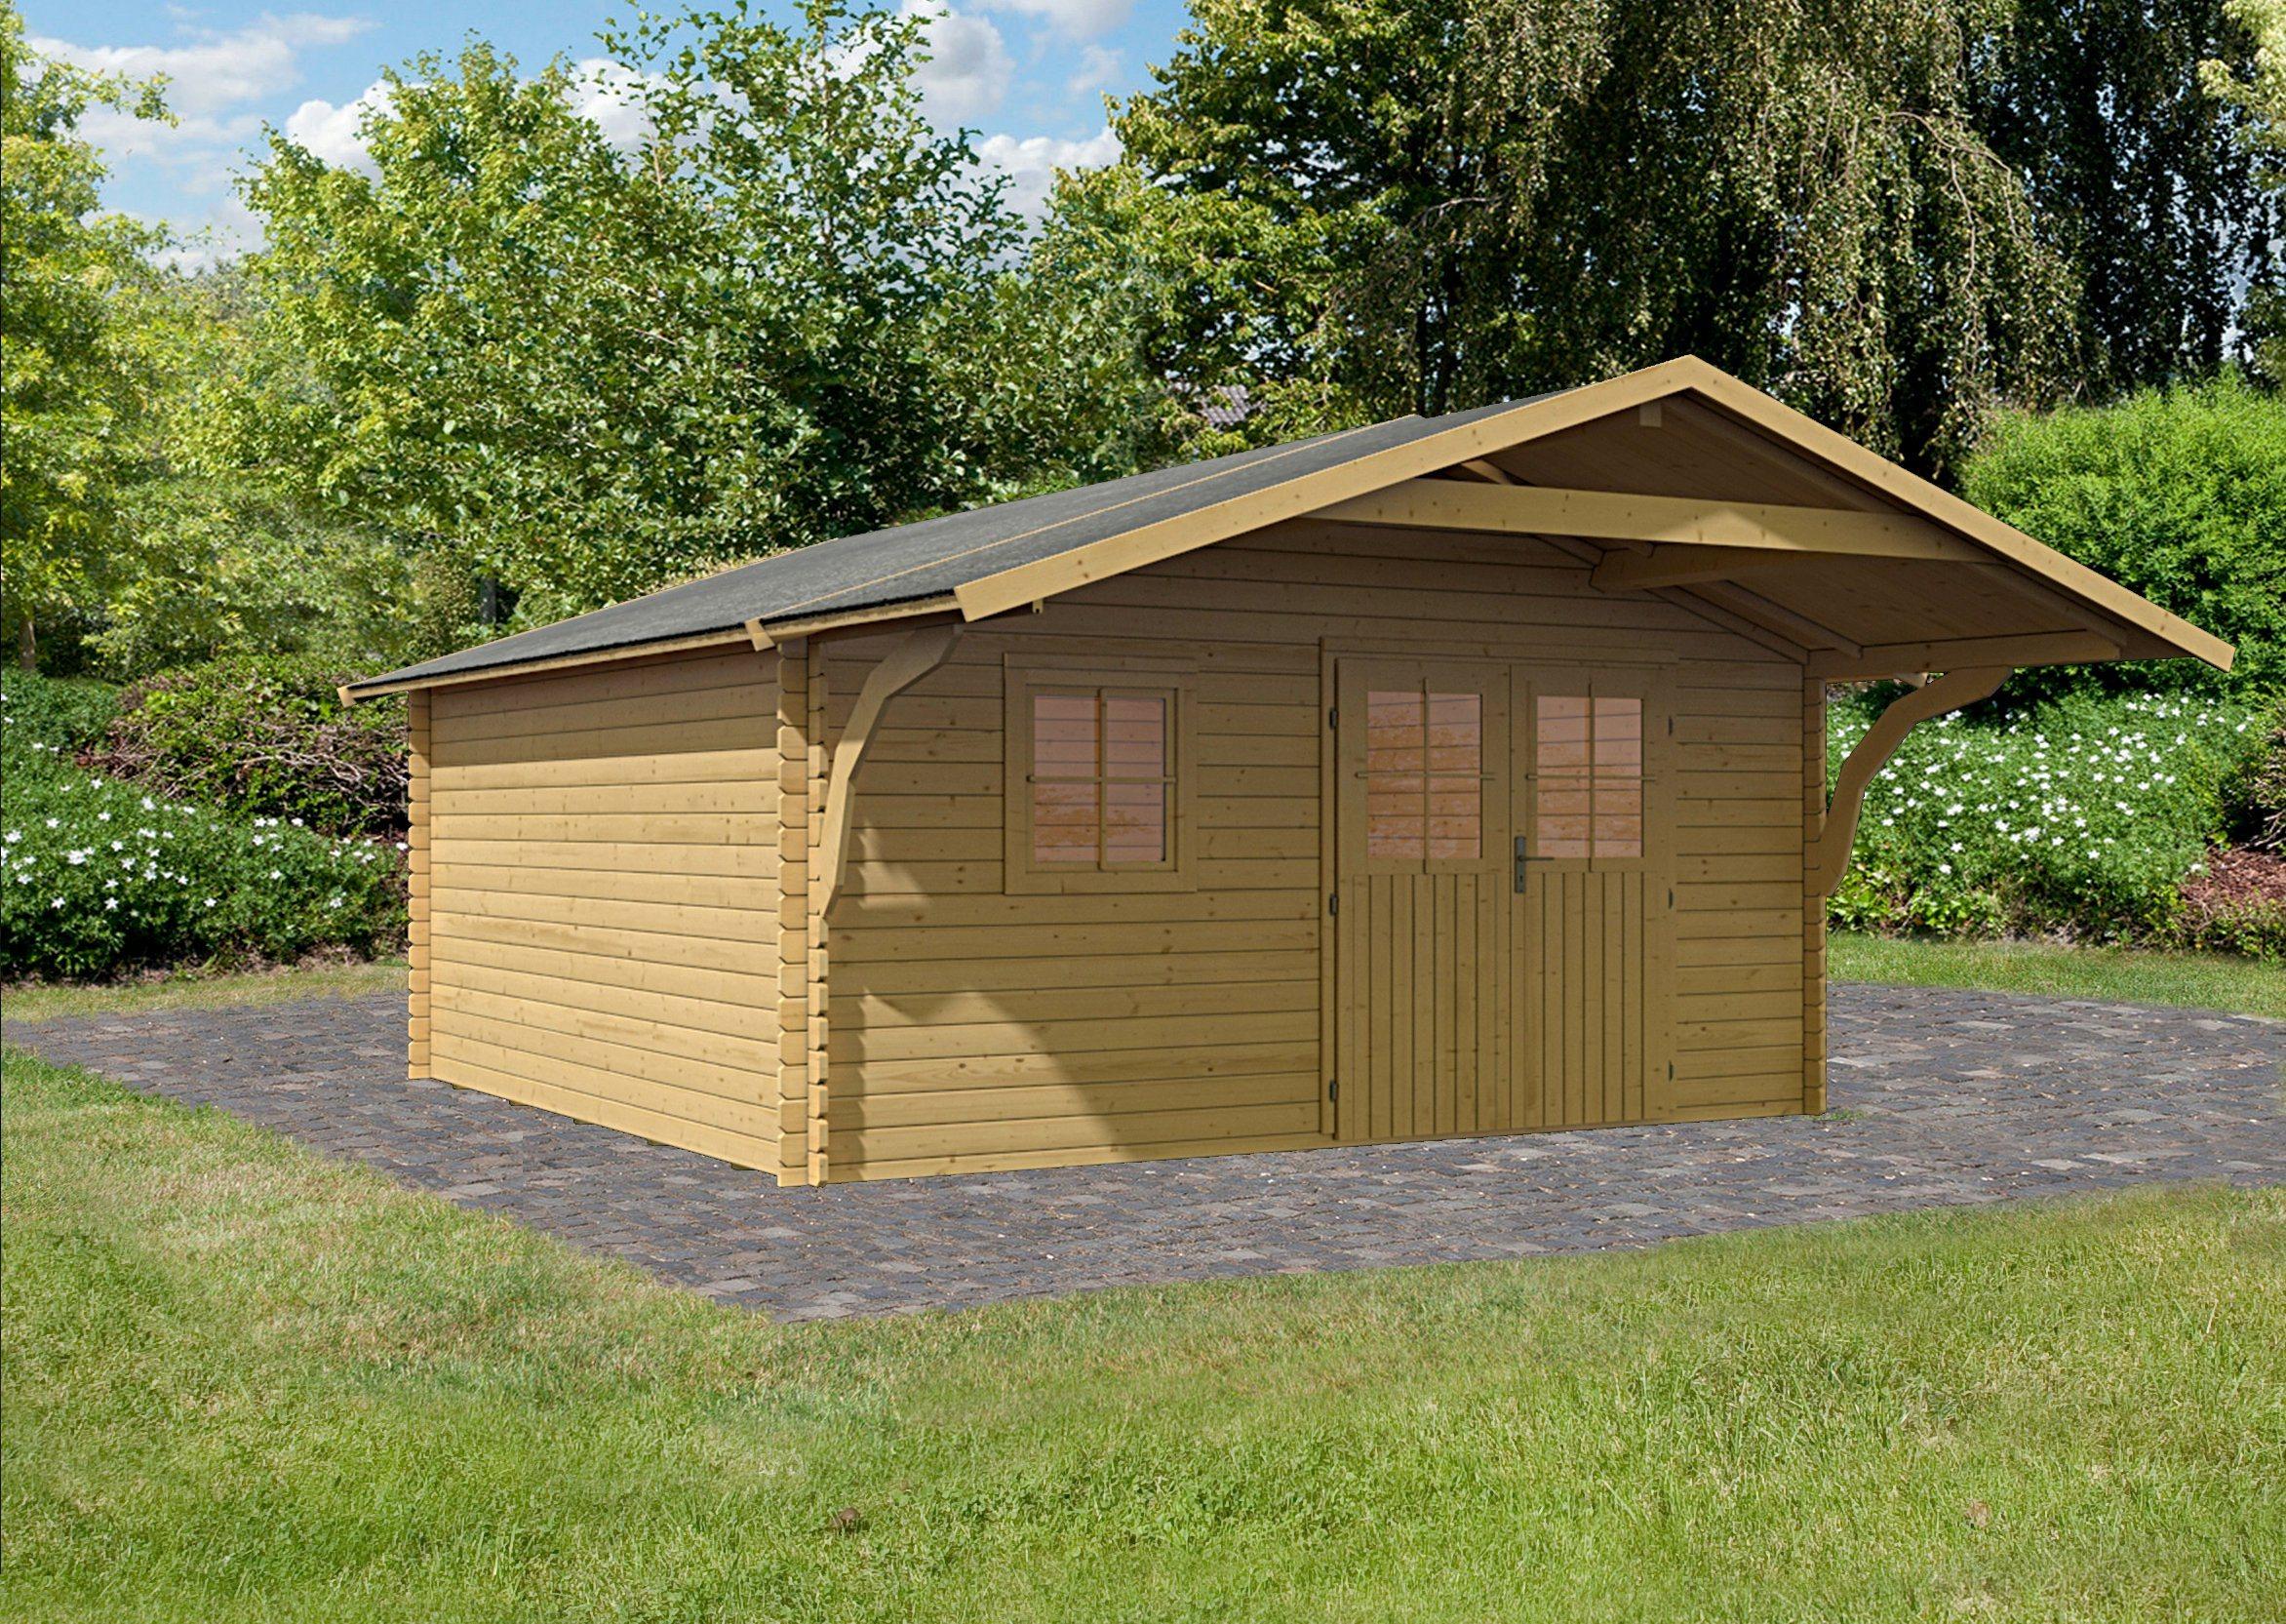 KARIBU Set: Gartenhaus »Traventhal 2«, BxT: 452x595 cm, mit Vordach | Garten > Gartenhäuser | Karibu